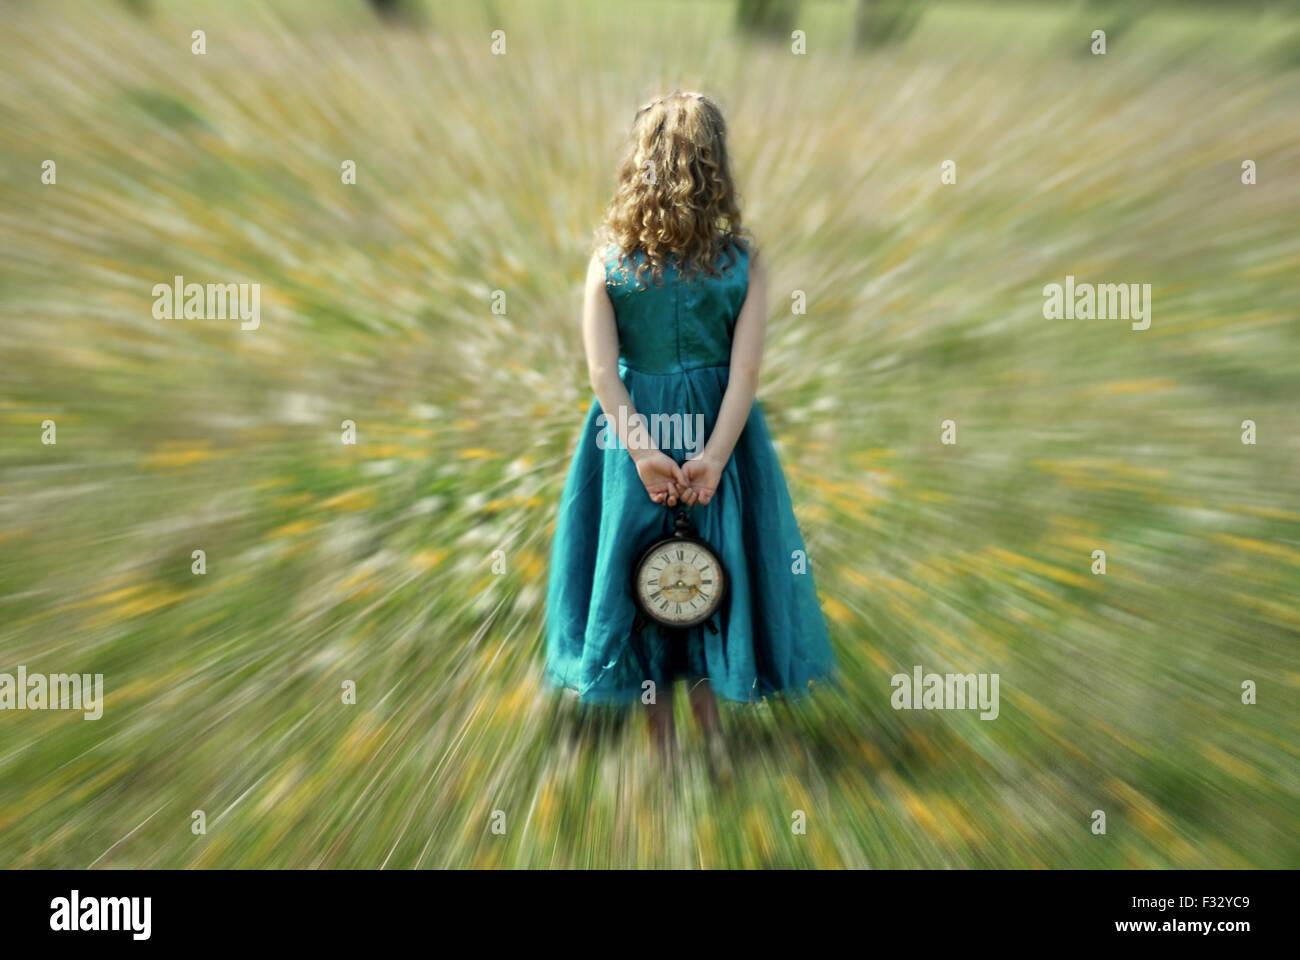 Effetto zoom bambina con orologio nelle sue mani vestito blu wonderland Immagini Stock